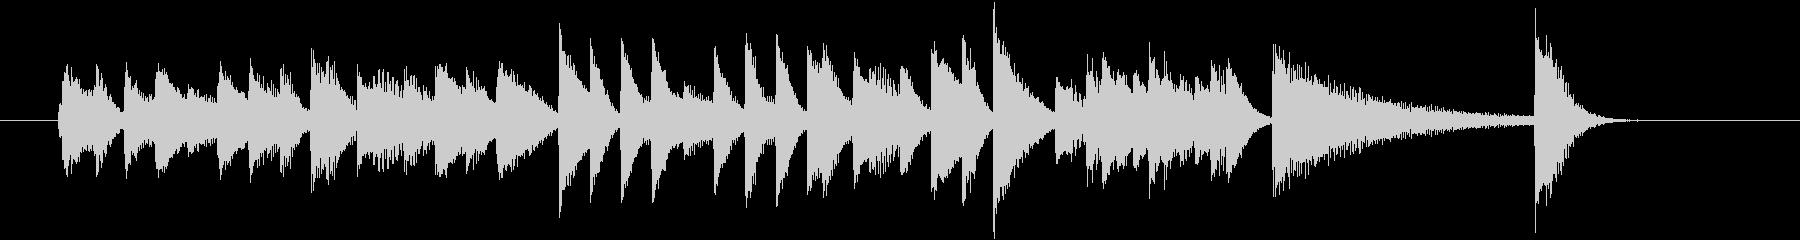 ベース跳ねるファストジャズピアノジングルの未再生の波形